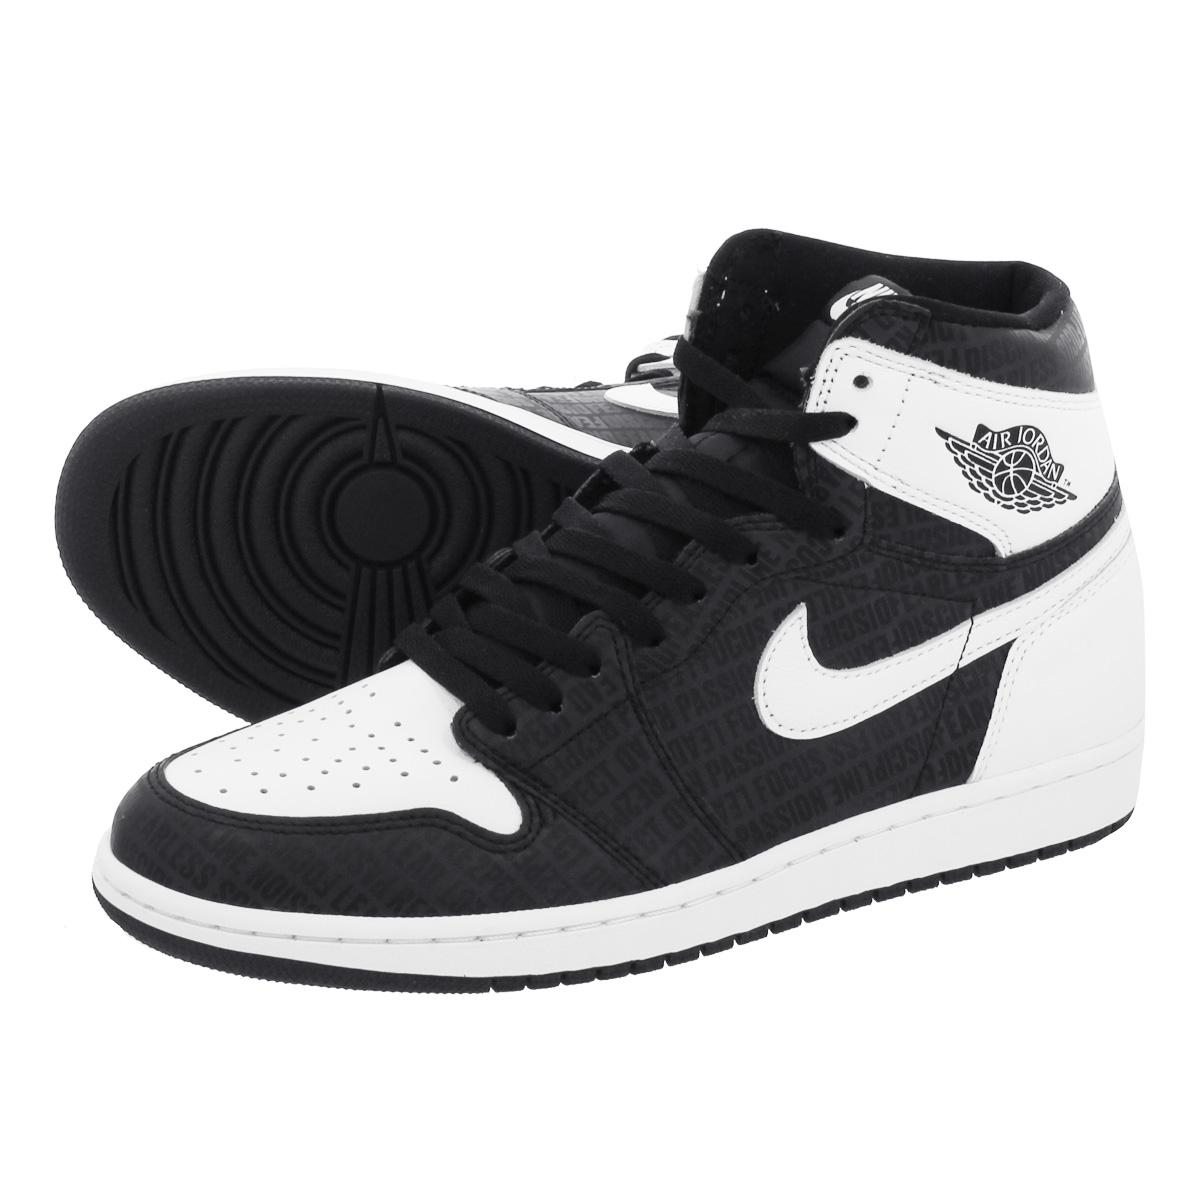 d907c546cfb LOWTEX PLUS: NIKE AIR JORDAN 1 RETRO HIGH OG Nike Air Jordan 1 nostalgic high  OG BLACK/WHITE 555,088-008 | Rakuten Global Market